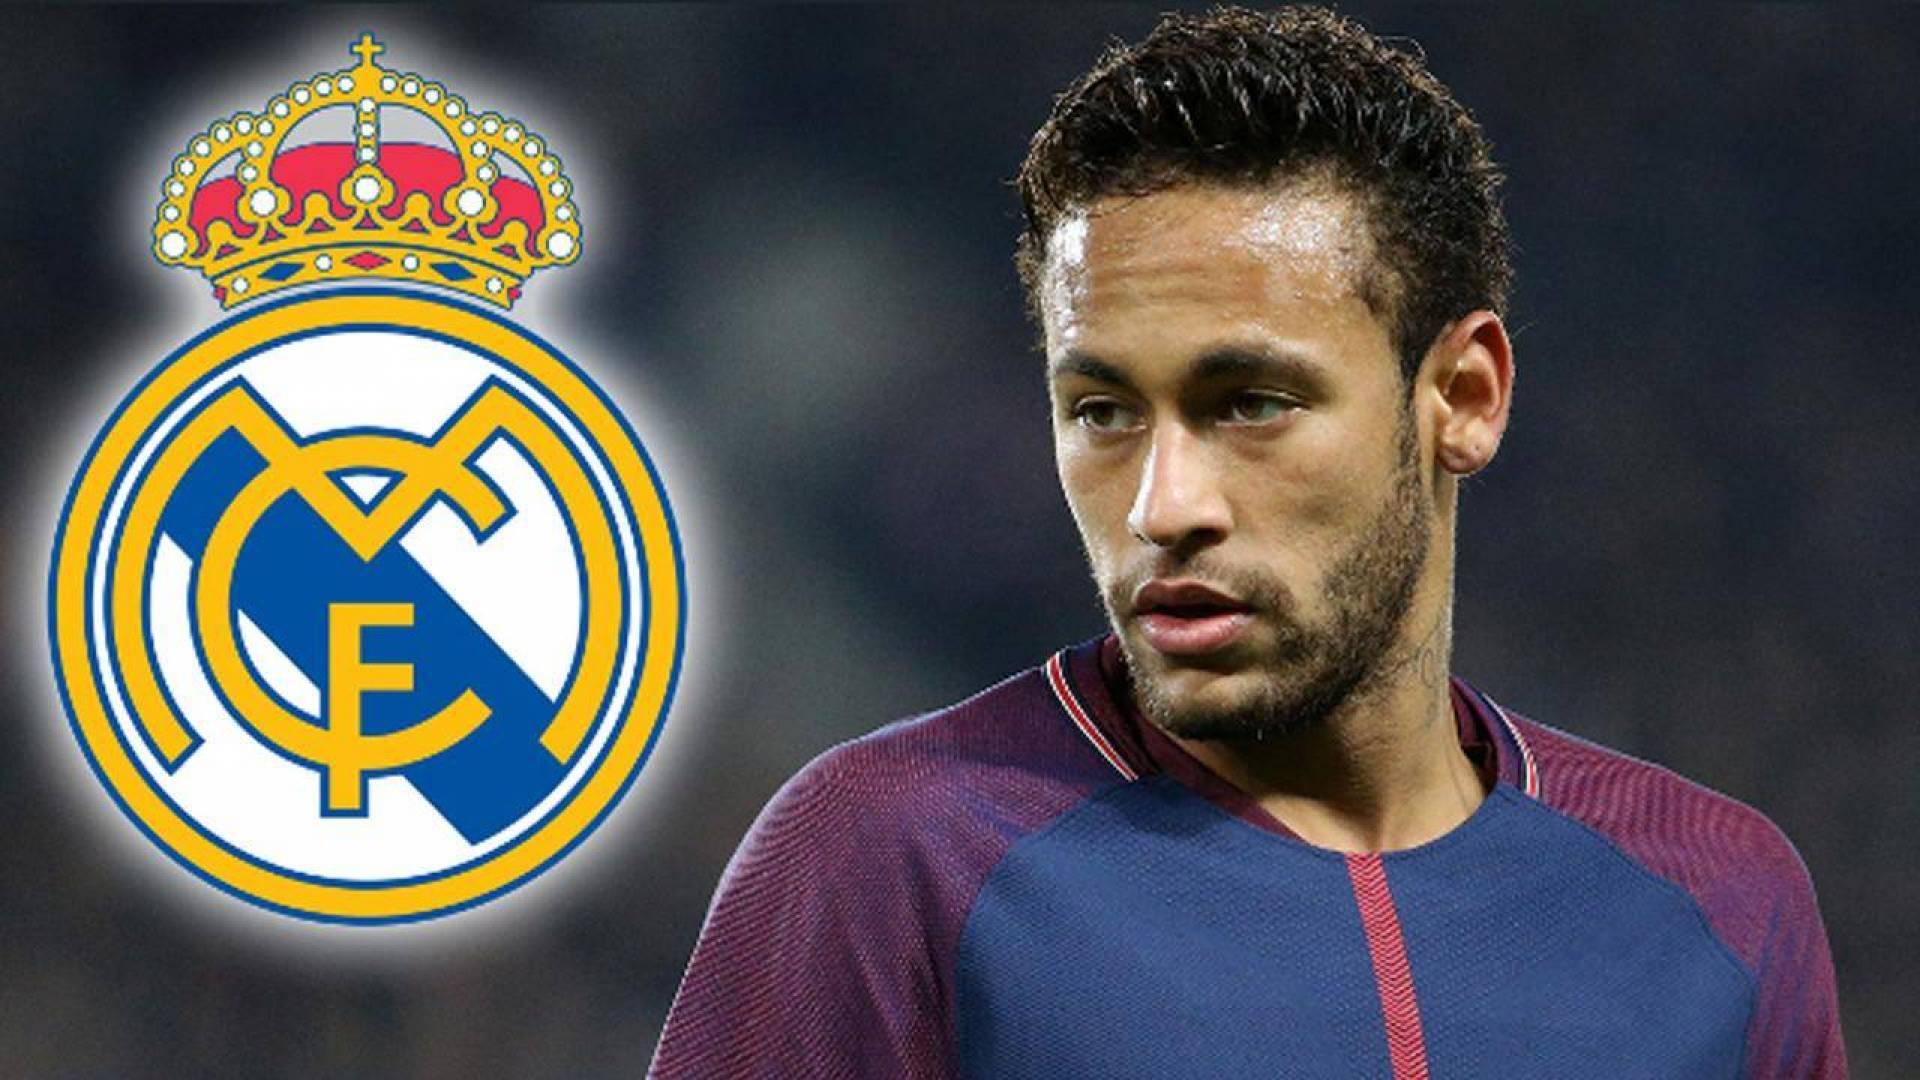 «سبورت» الإسبانية: ريال مدريد عرض على نيمار 40 مليون يورو.. راتباً سنوياً